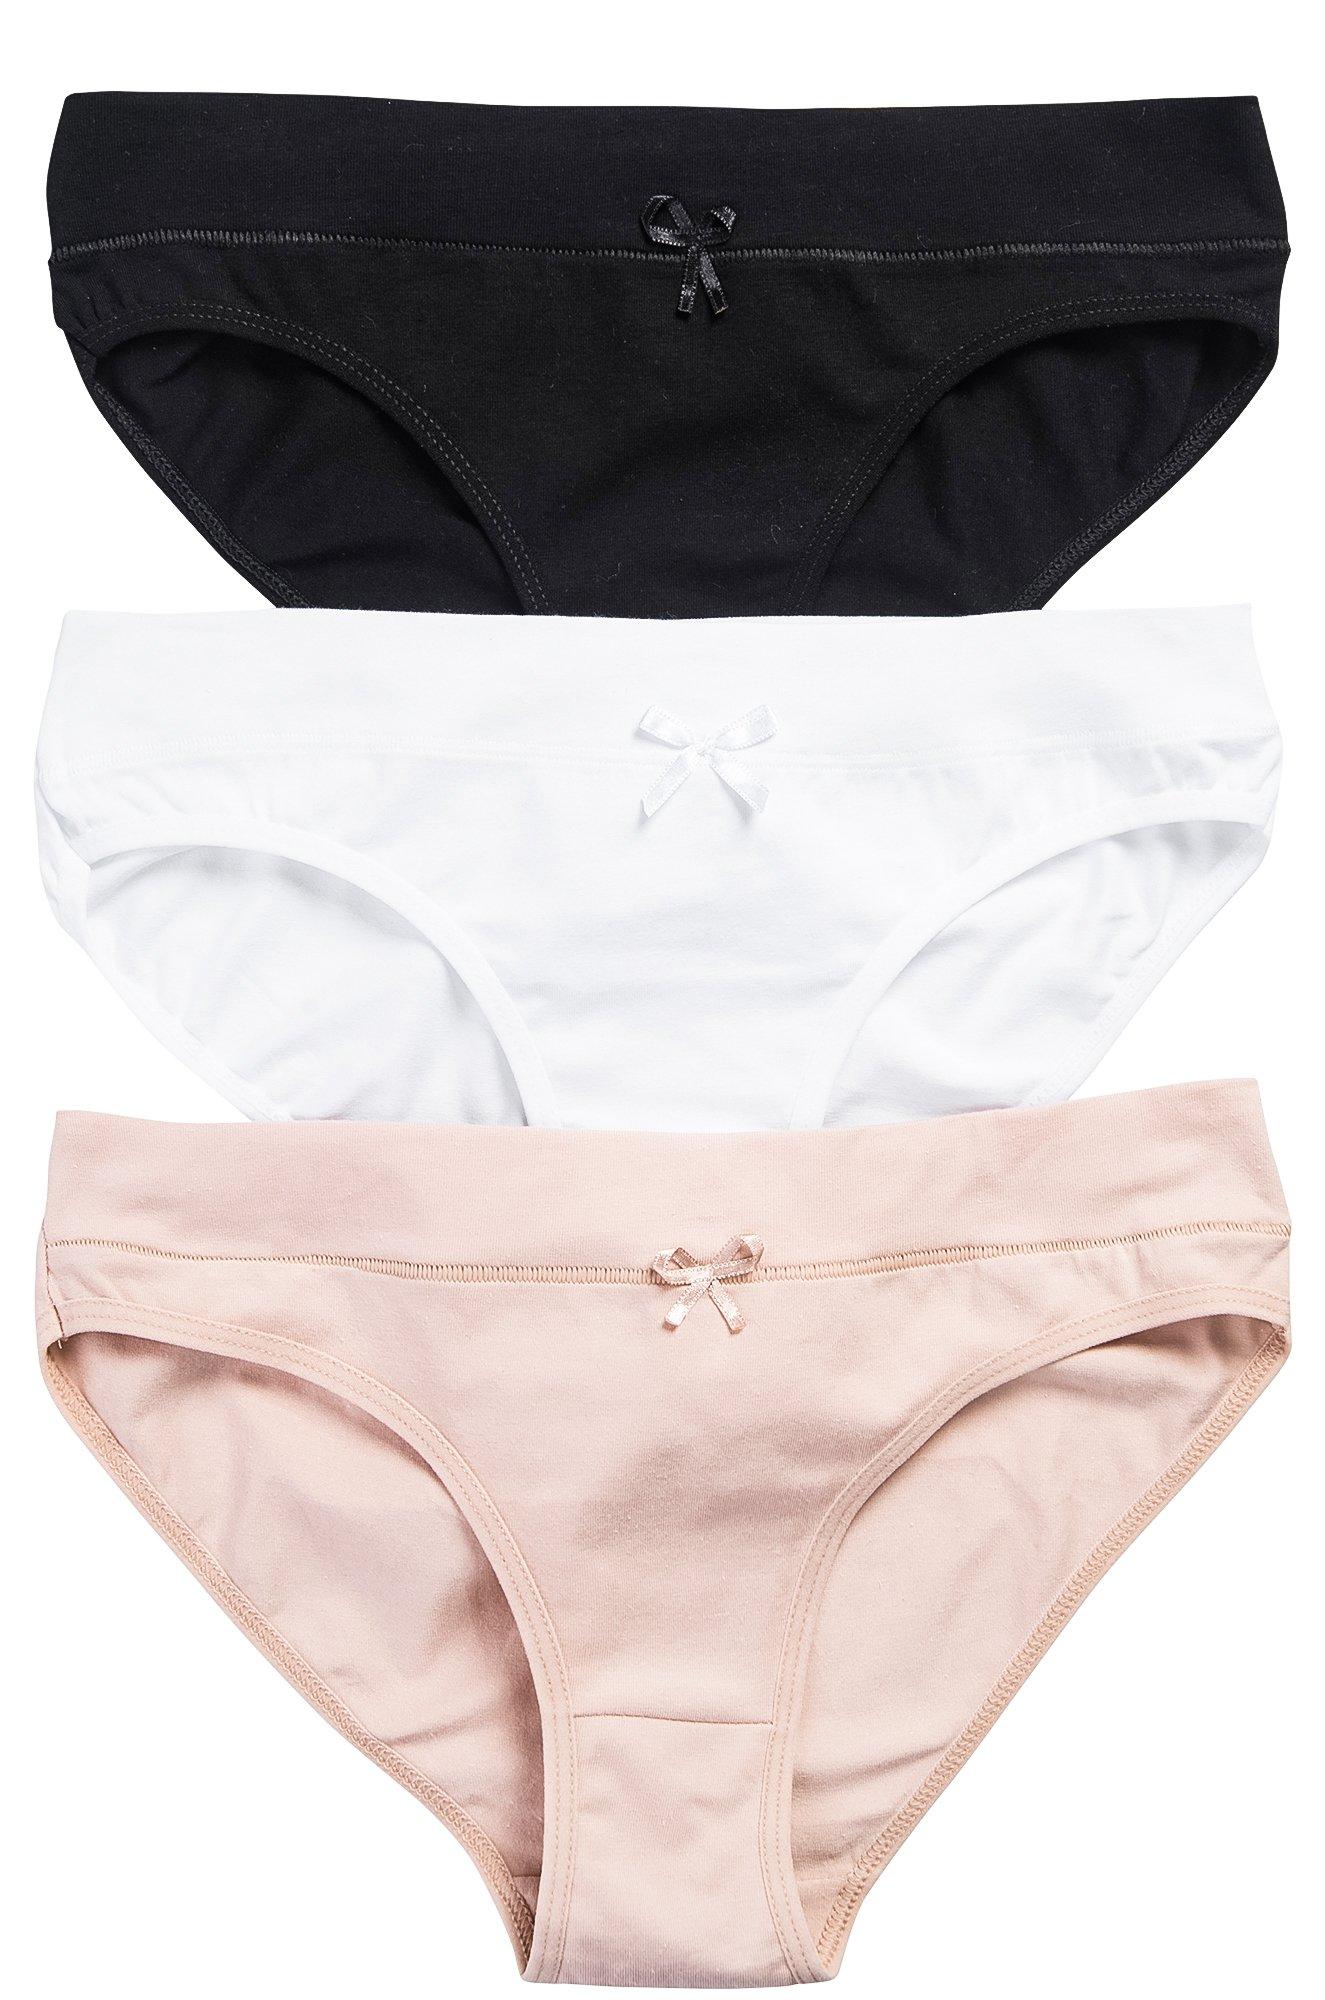 Трусики в женском футболе, порно толстушки в нижнем белье